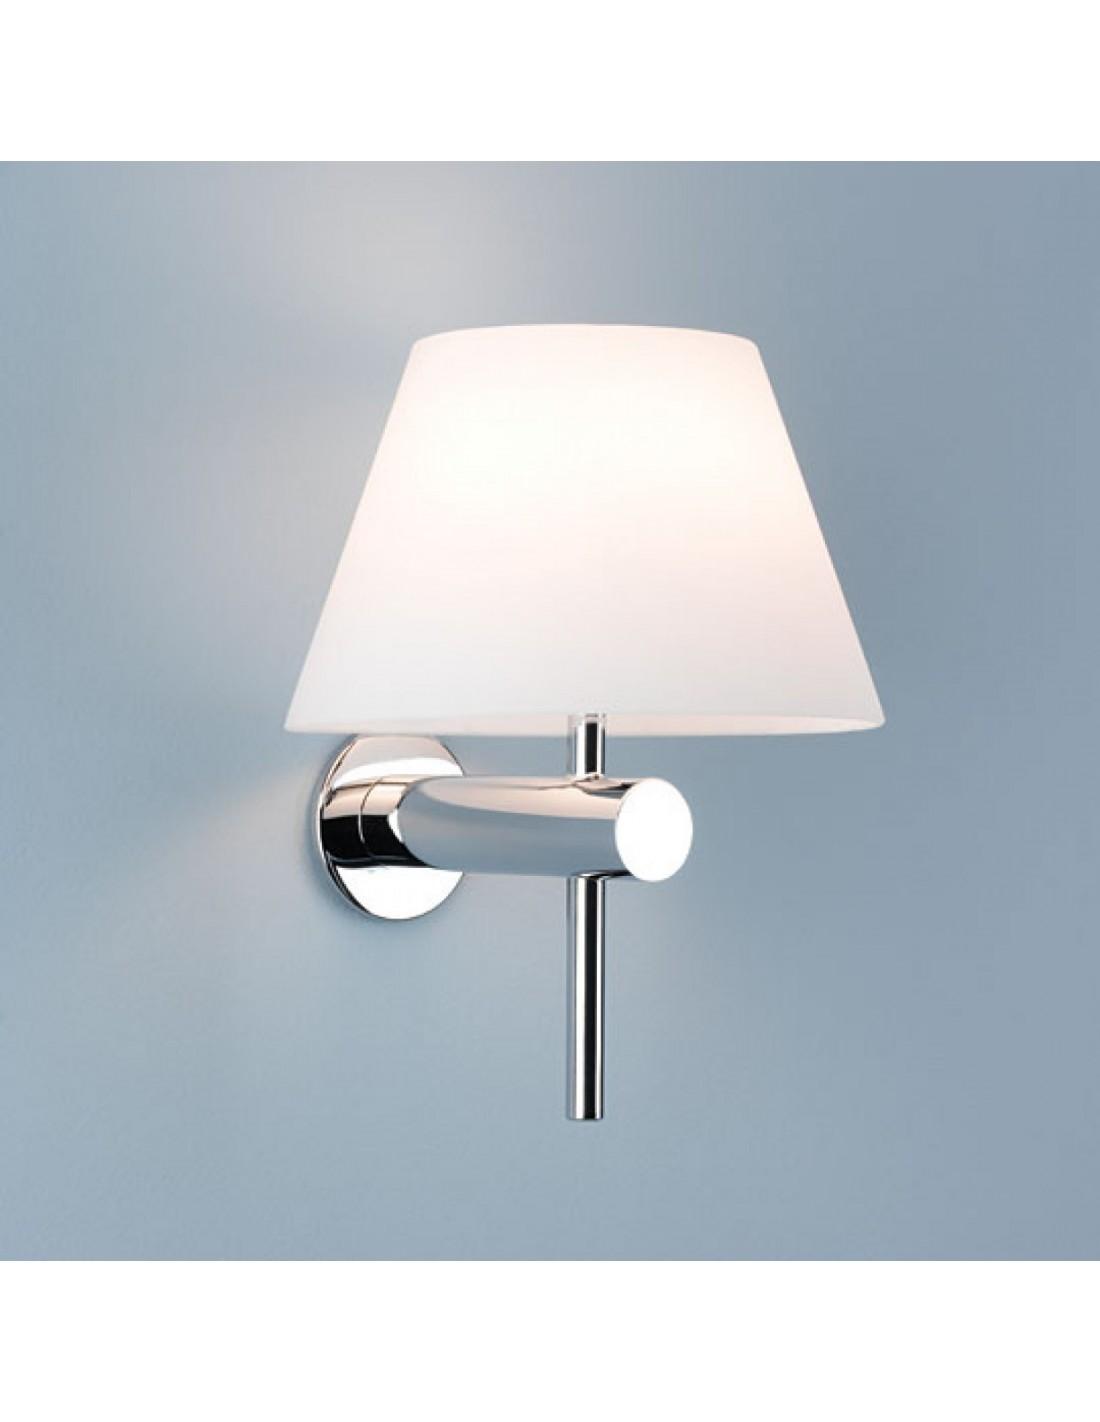 Applique De Salle De Bain Roma Chrome Astro Lighting